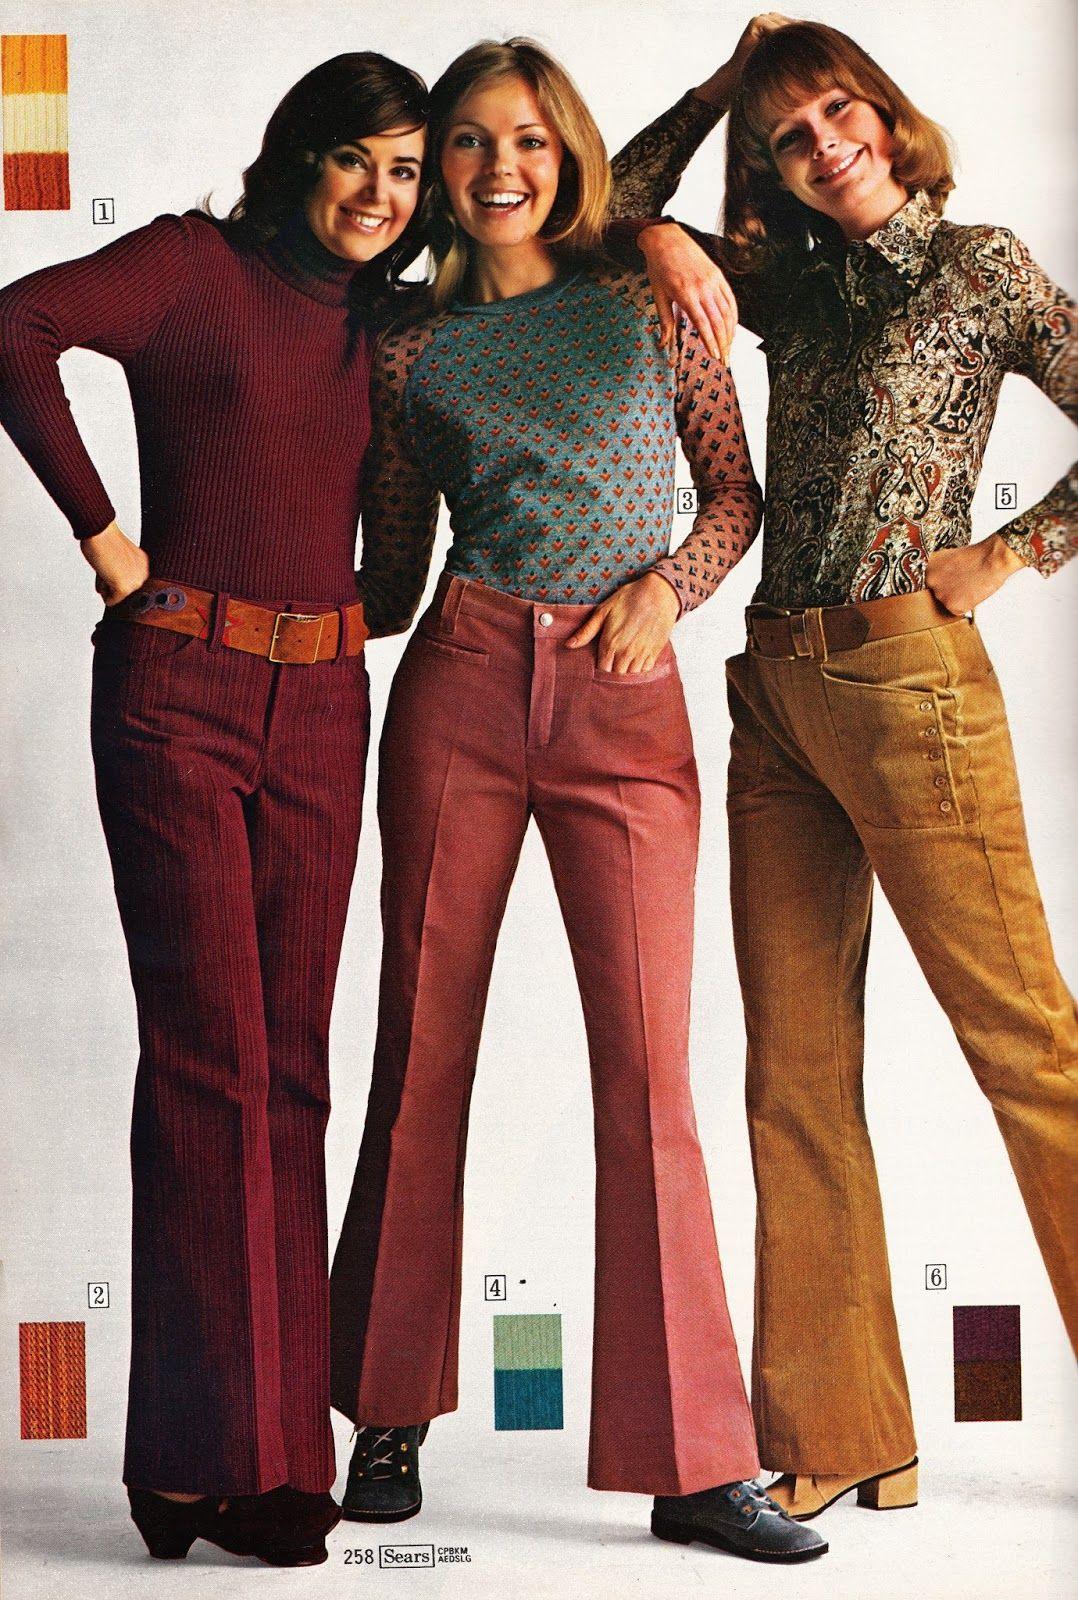 The Big Book Catalog Series Part 3 1971 2nd Half Mode Der Siebziger Jahre 70er Jahre Mode 70er Mode